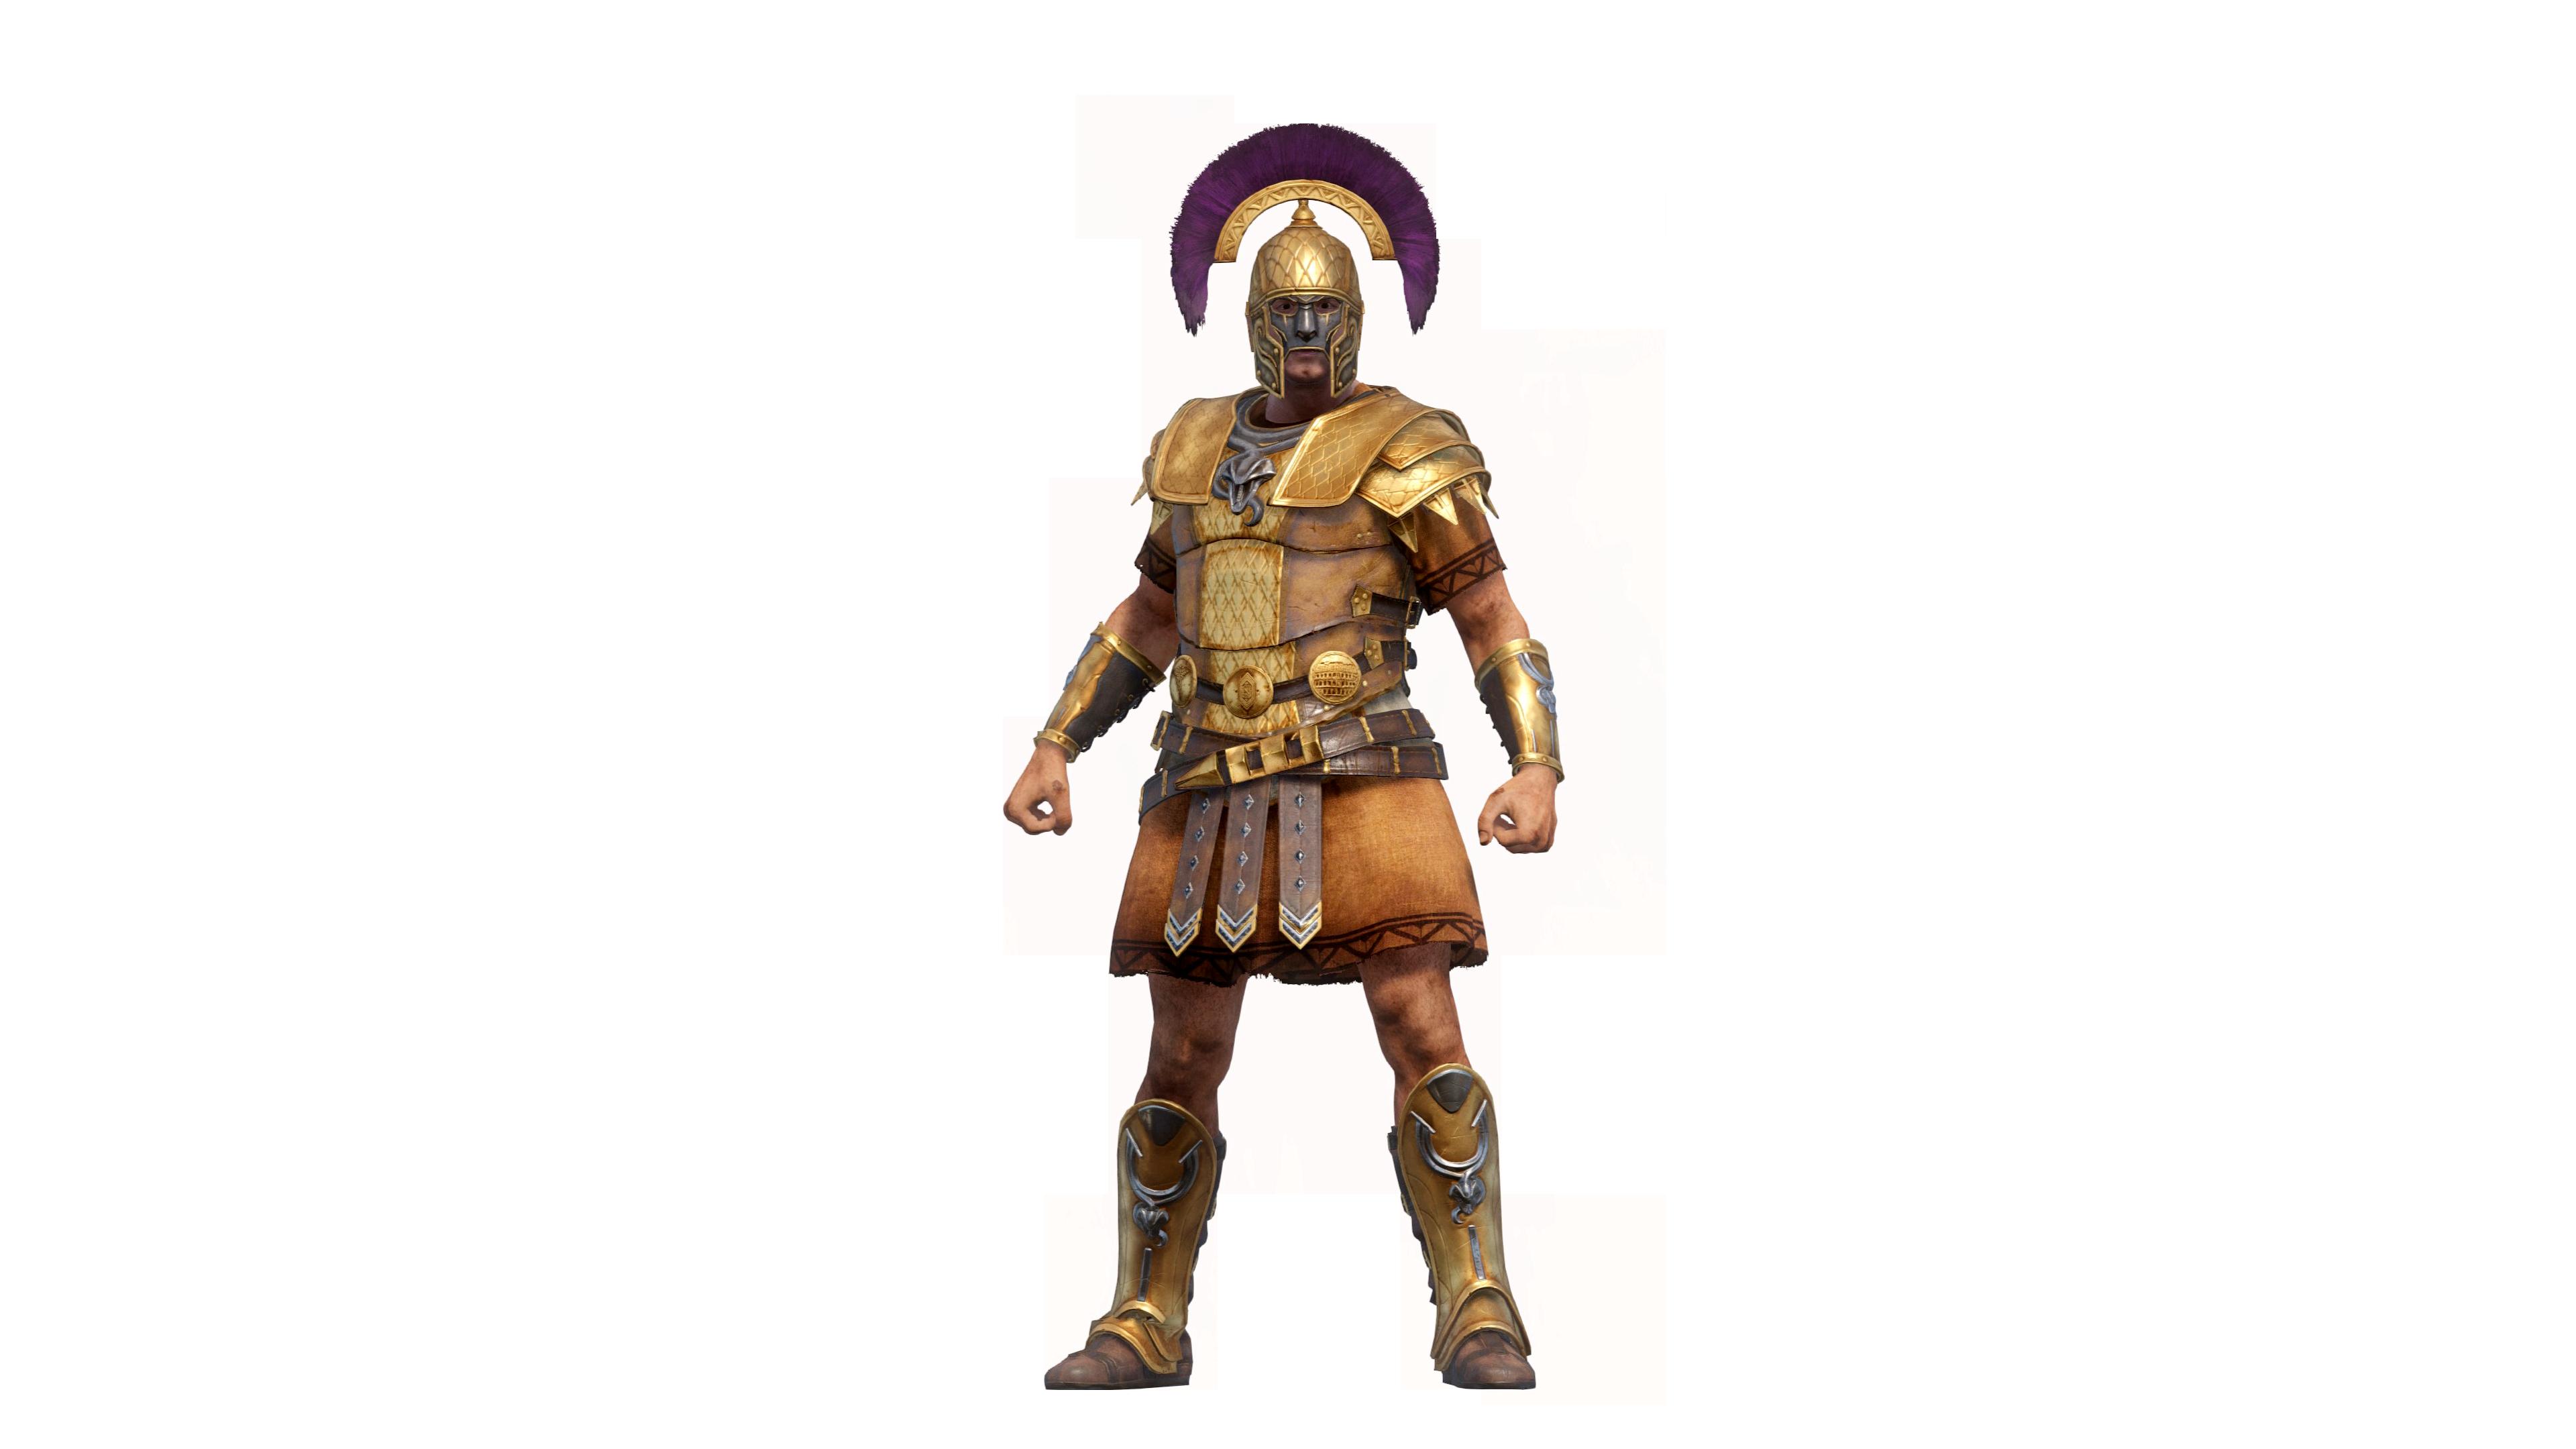 Download Gladiator Transparent Background.